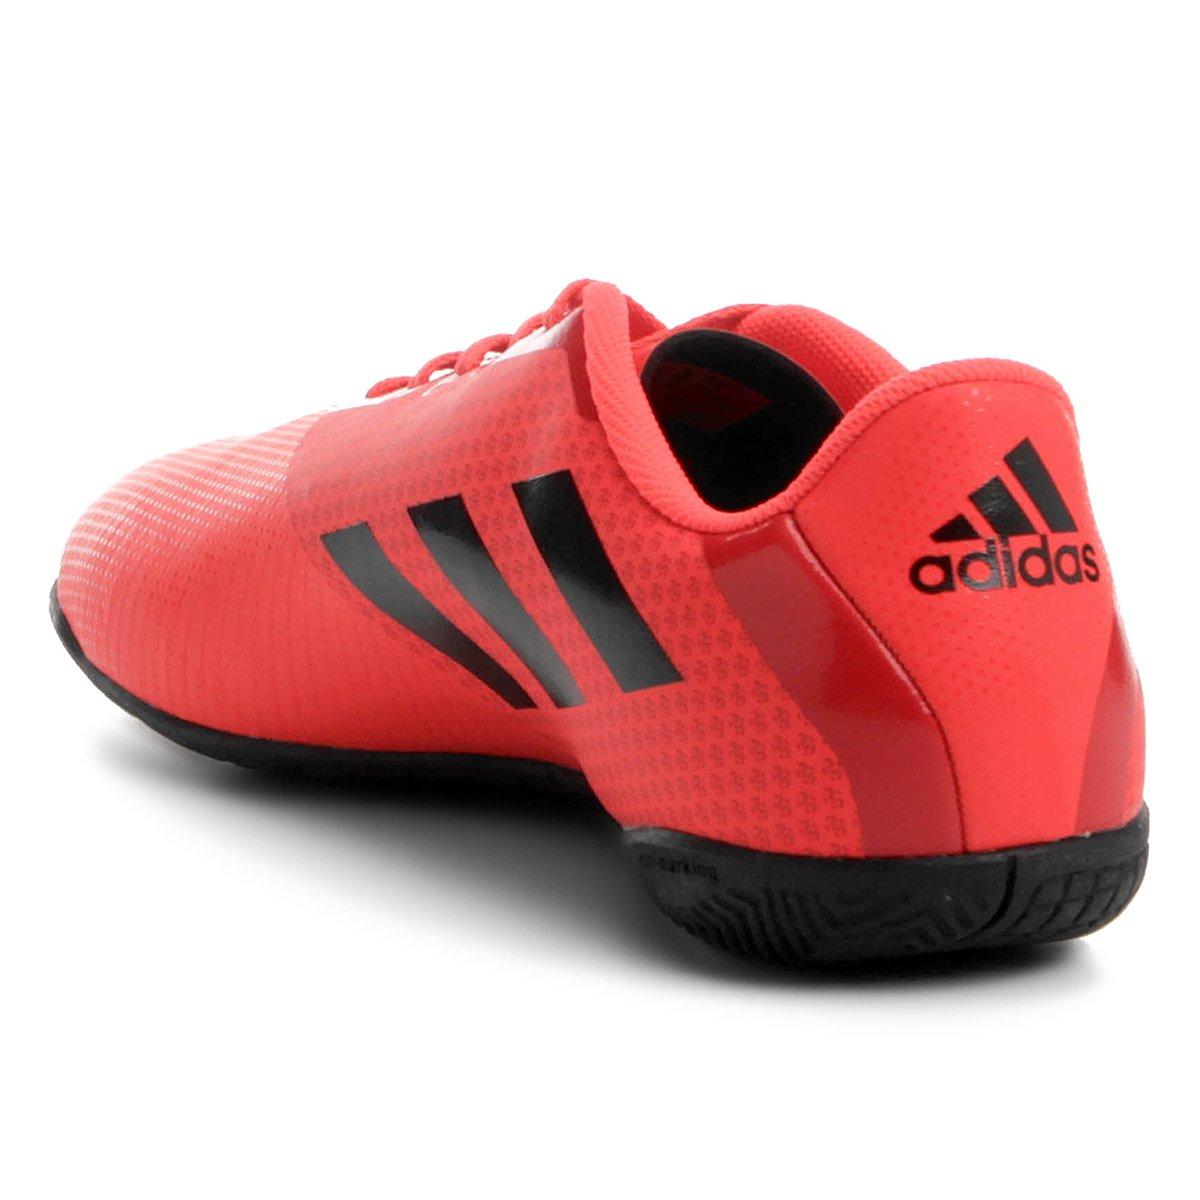 Chuteira Futsal Adidas Artilheira 17 IN - Vermelho - Compre Agora ... 27a3feb69e4e3